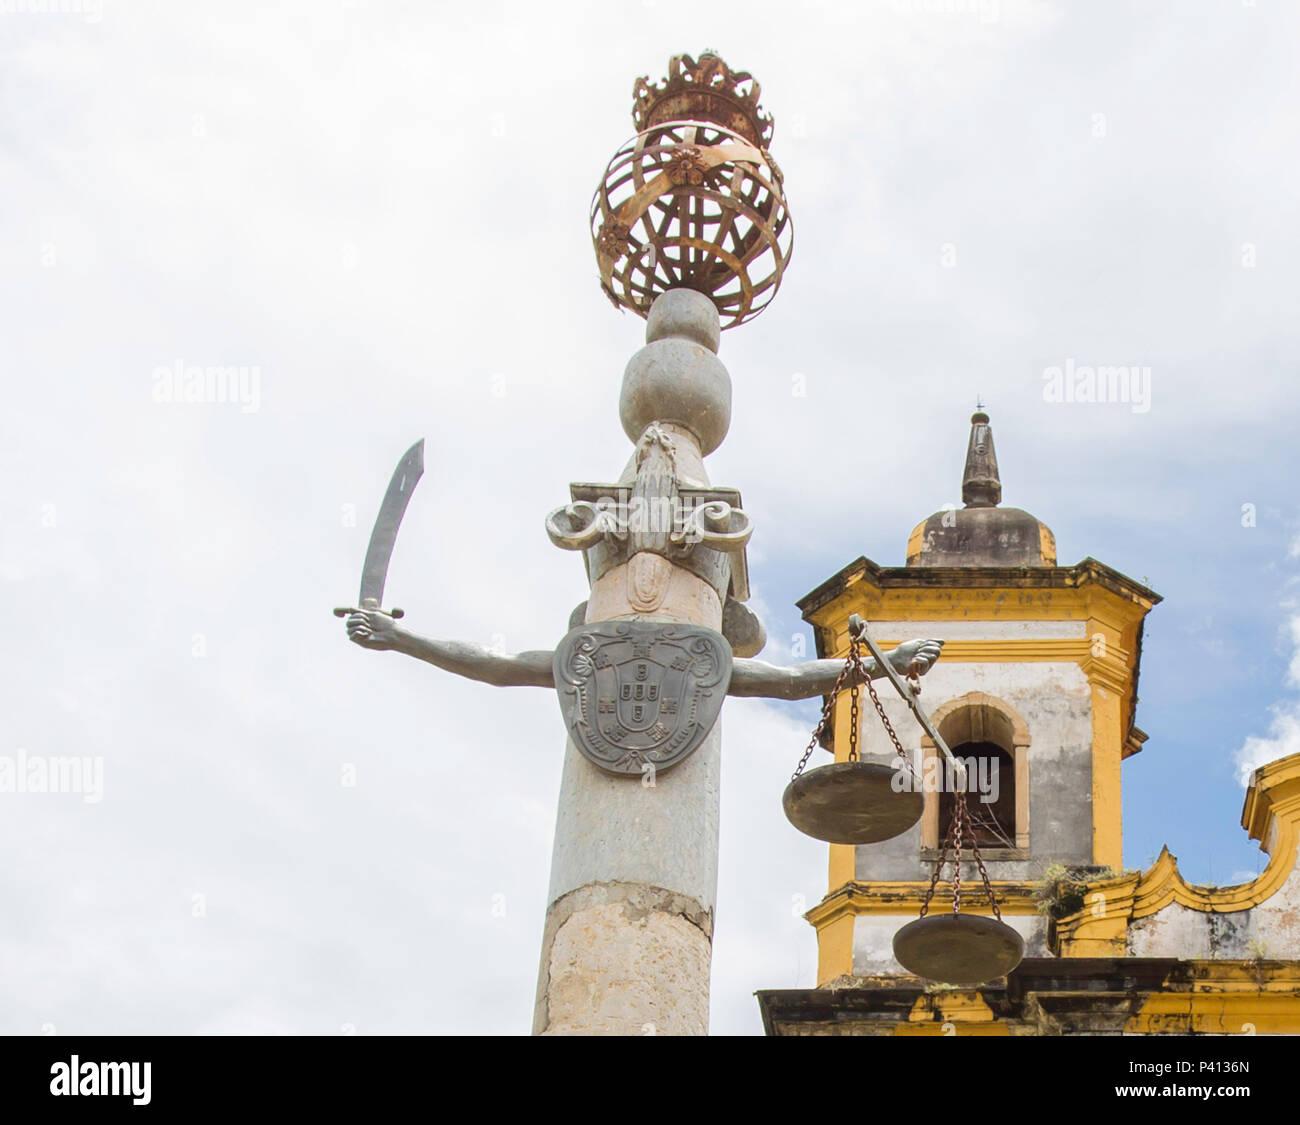 5d704c592b43d Na foto produzida nesta sexta-feira (05) vista do Pelourinho localizado na  praça Minas Gerais na cidade de Mariana (MG), o qual tem no alto um globo  ...